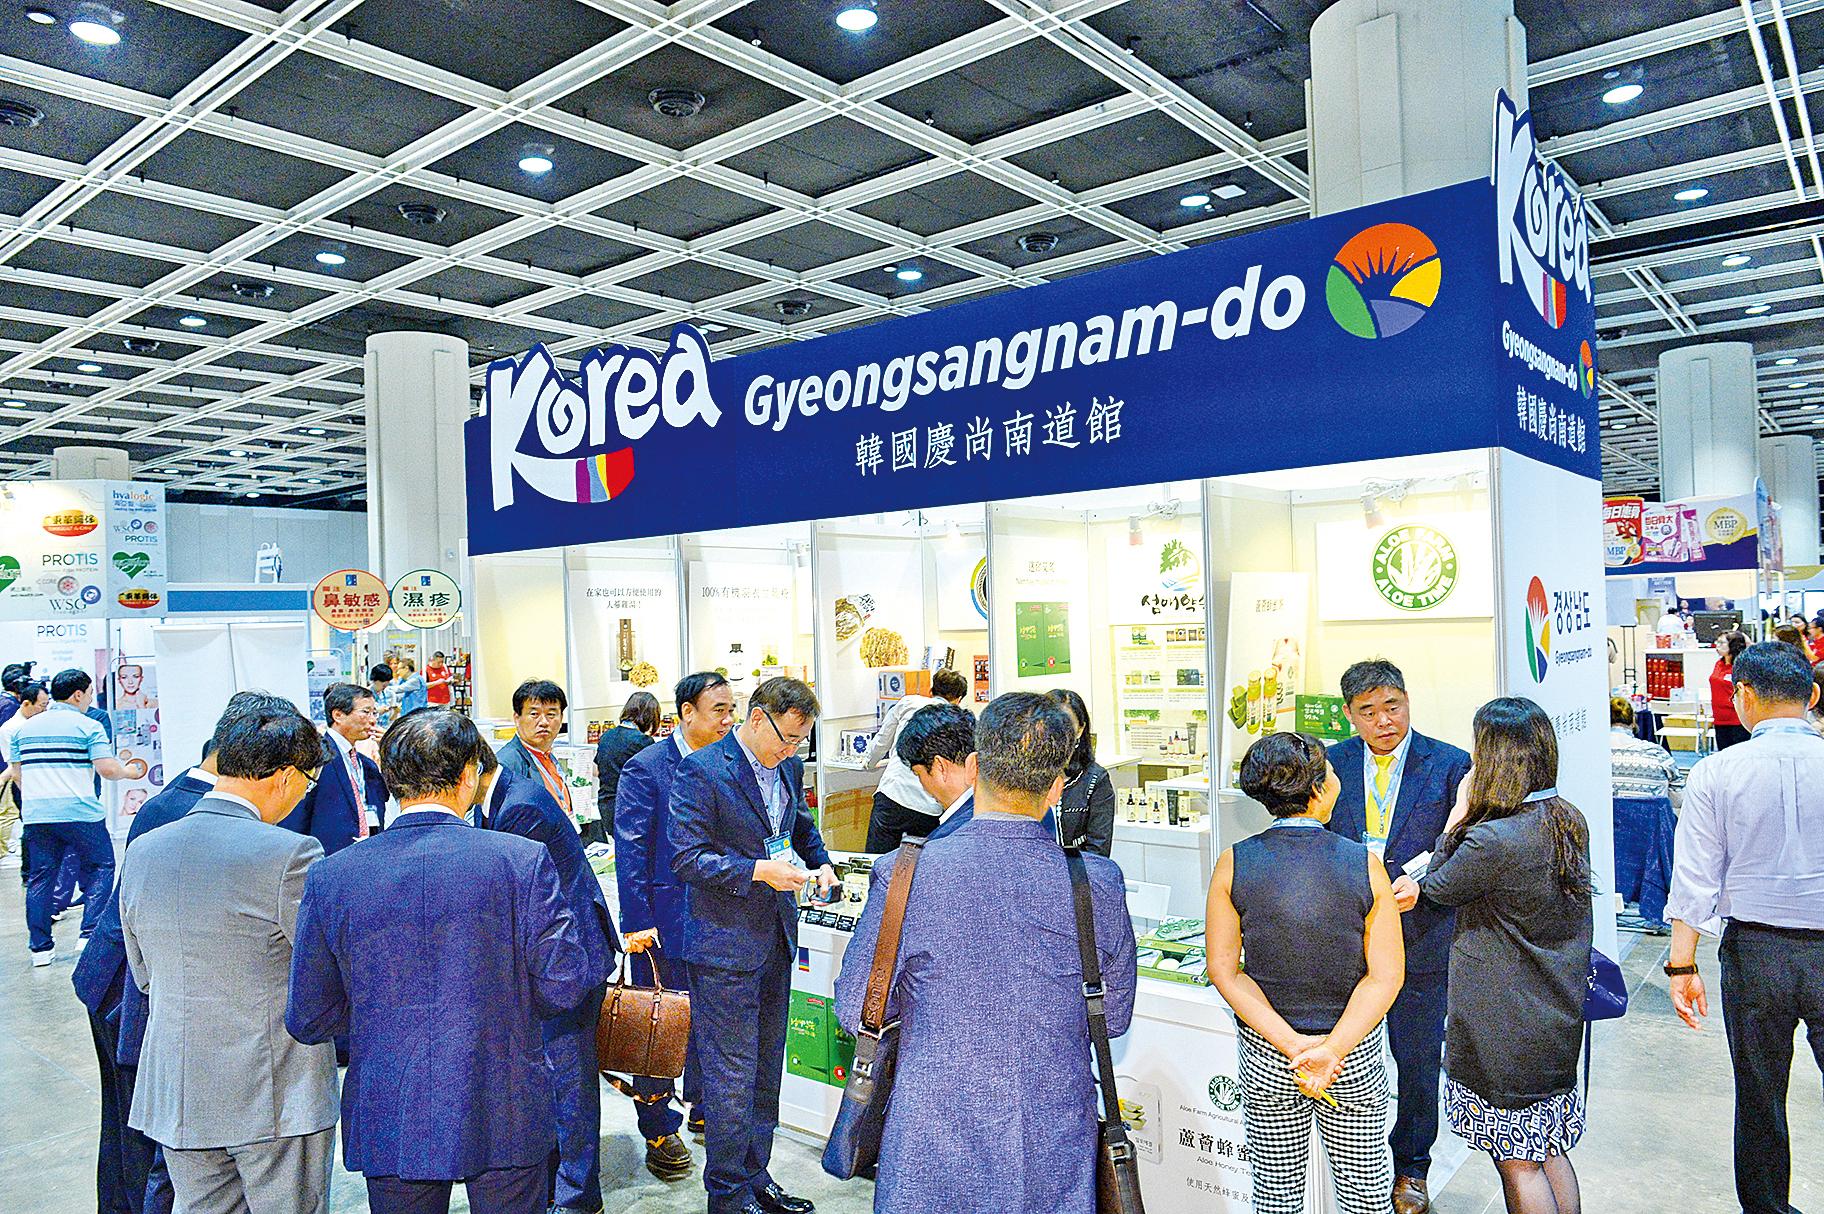 韓國慶尚南道官員率團參展 健康博覽增添韓文化